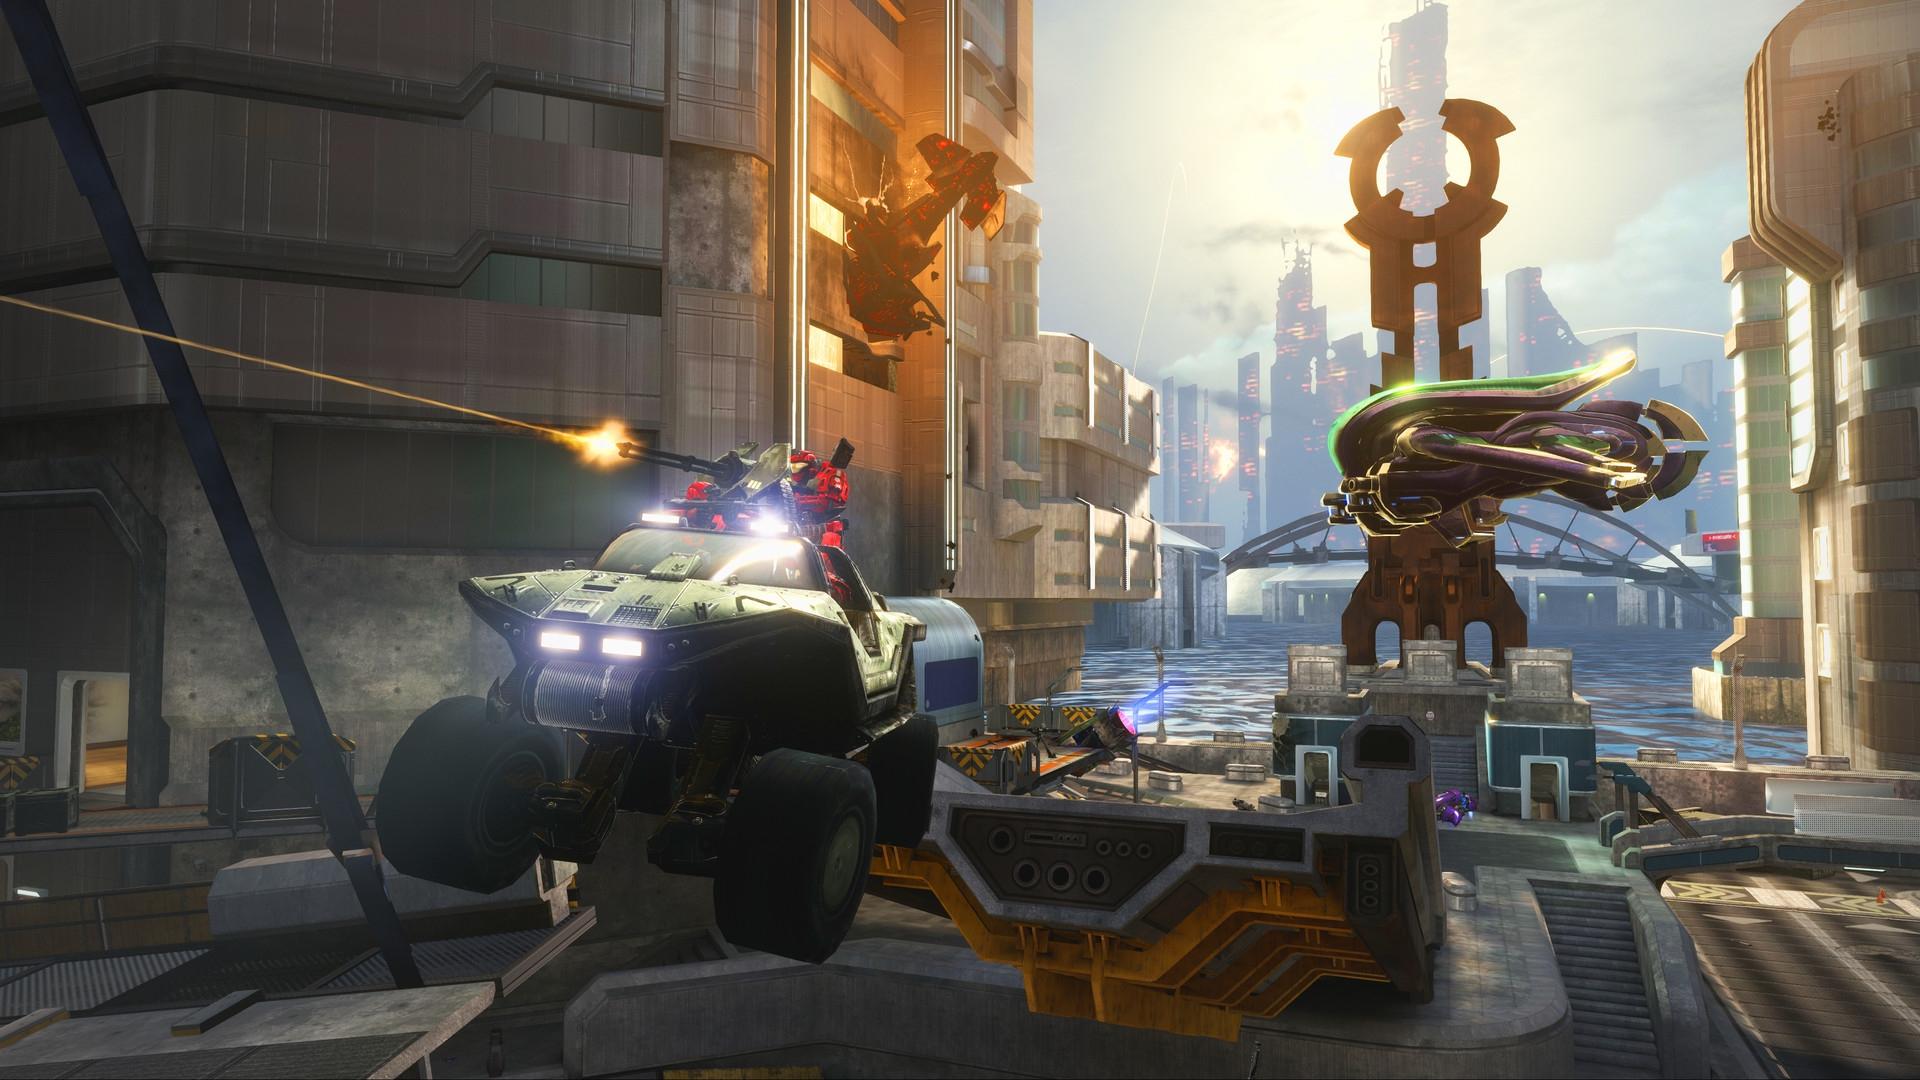 Видео: как Halo Reach на ПК улучшена по сравнению с Xbox 360